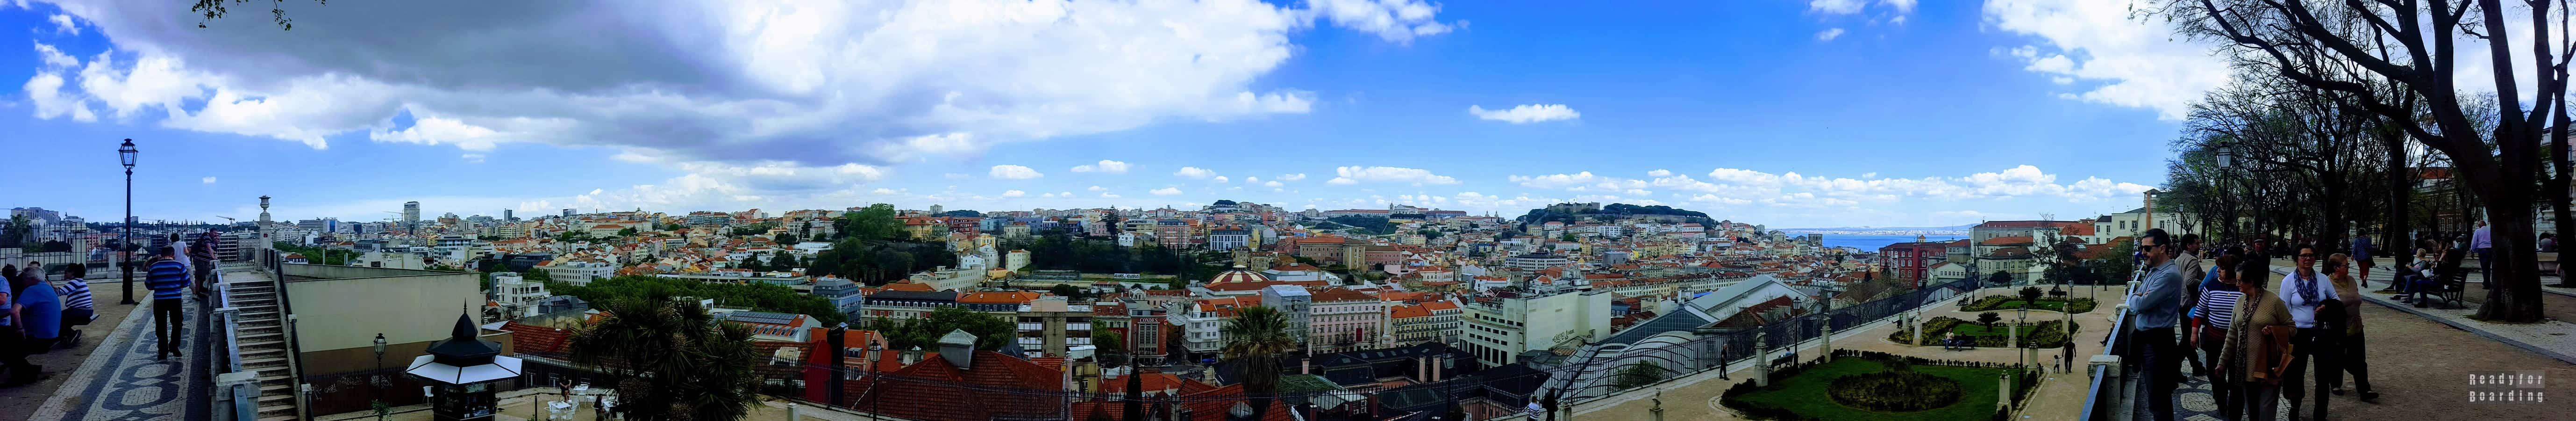 Panorama: Miradouro de Sao Pedro de Alcantara, Lizbona